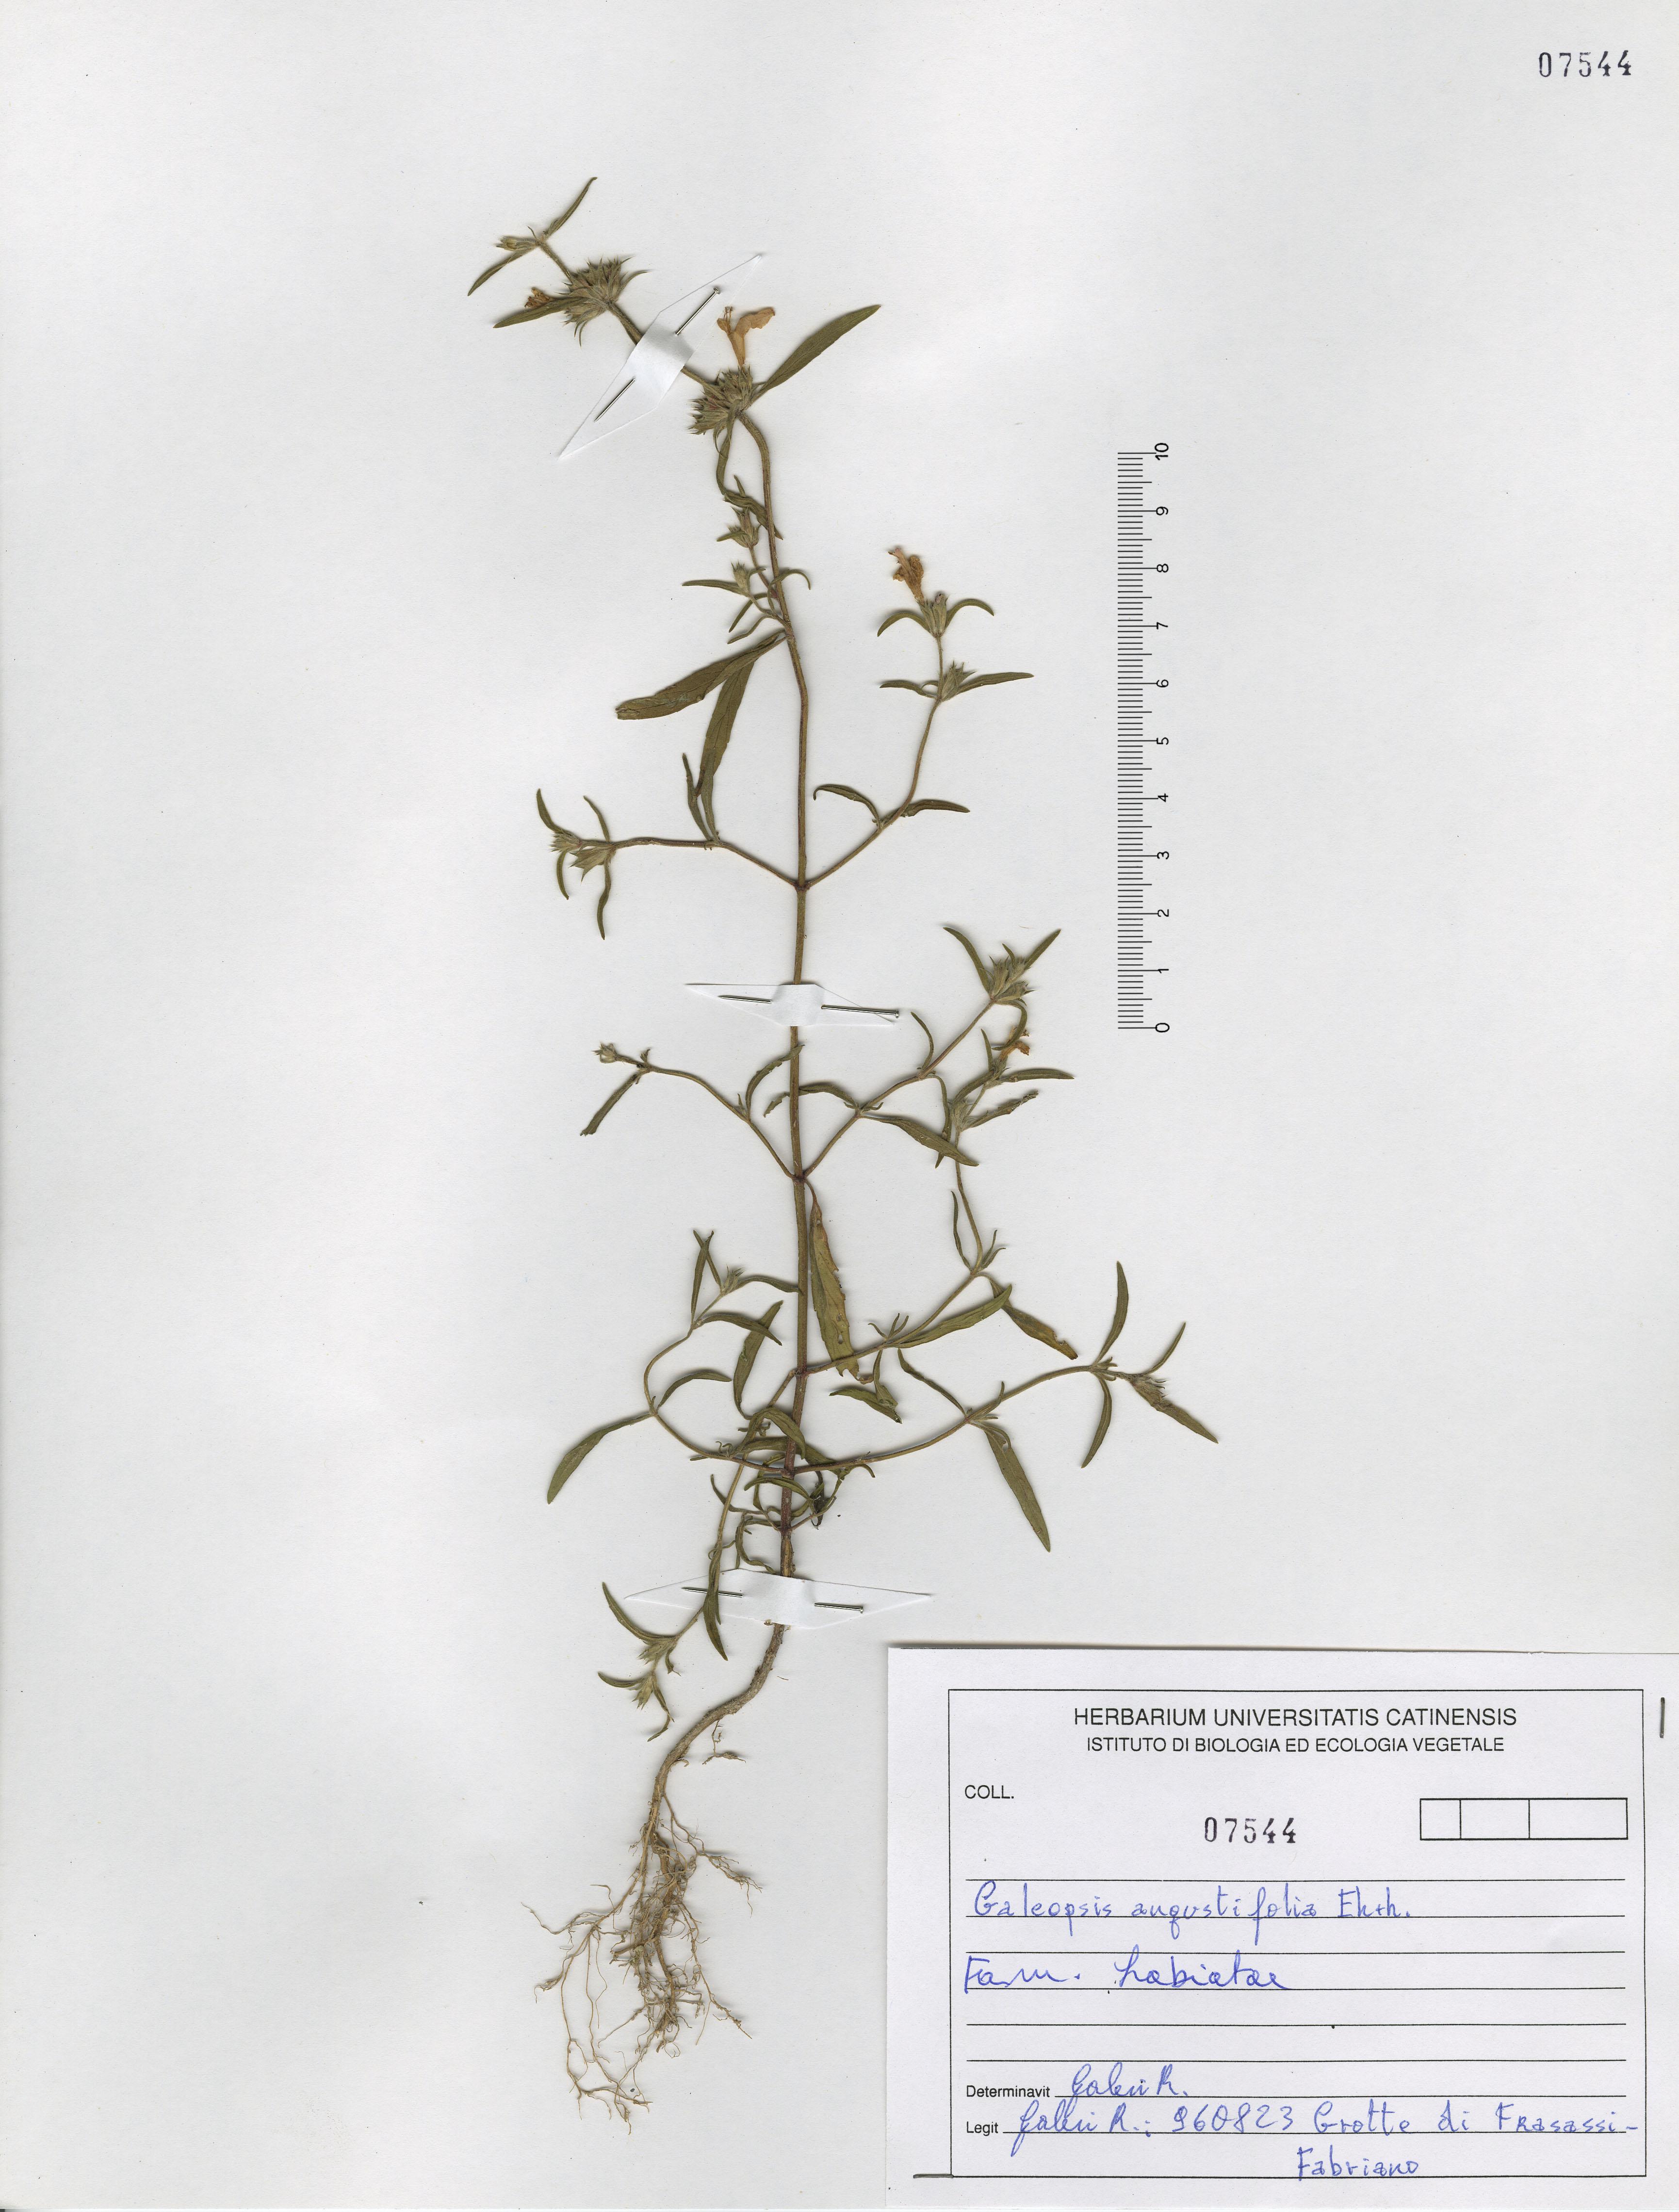 © Hortus Botanicus Catinensis - Herb. sheet 107544<br>